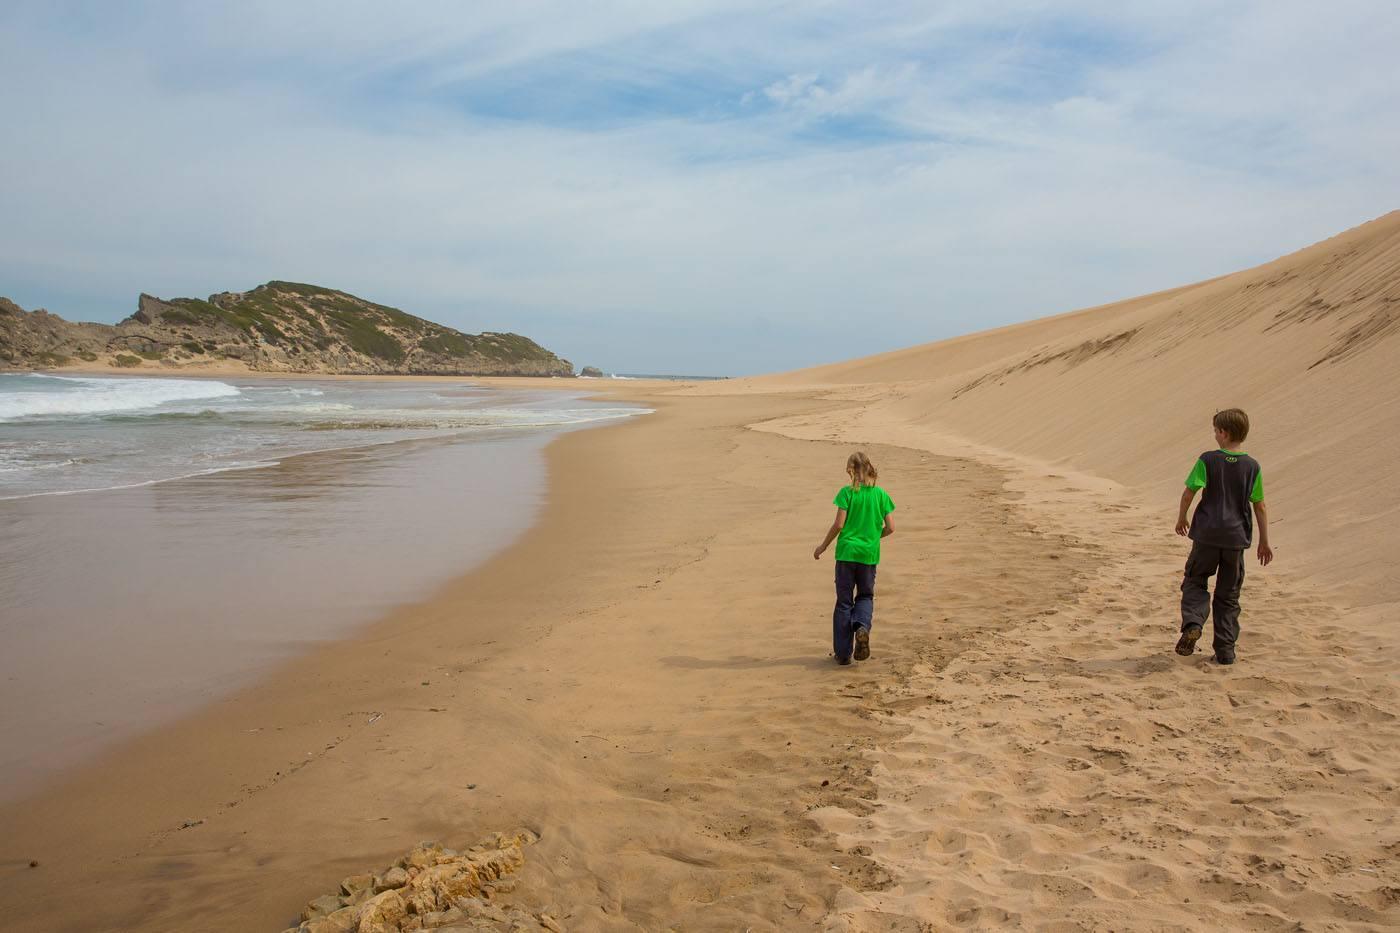 Robberg Peninsula Beach Africa